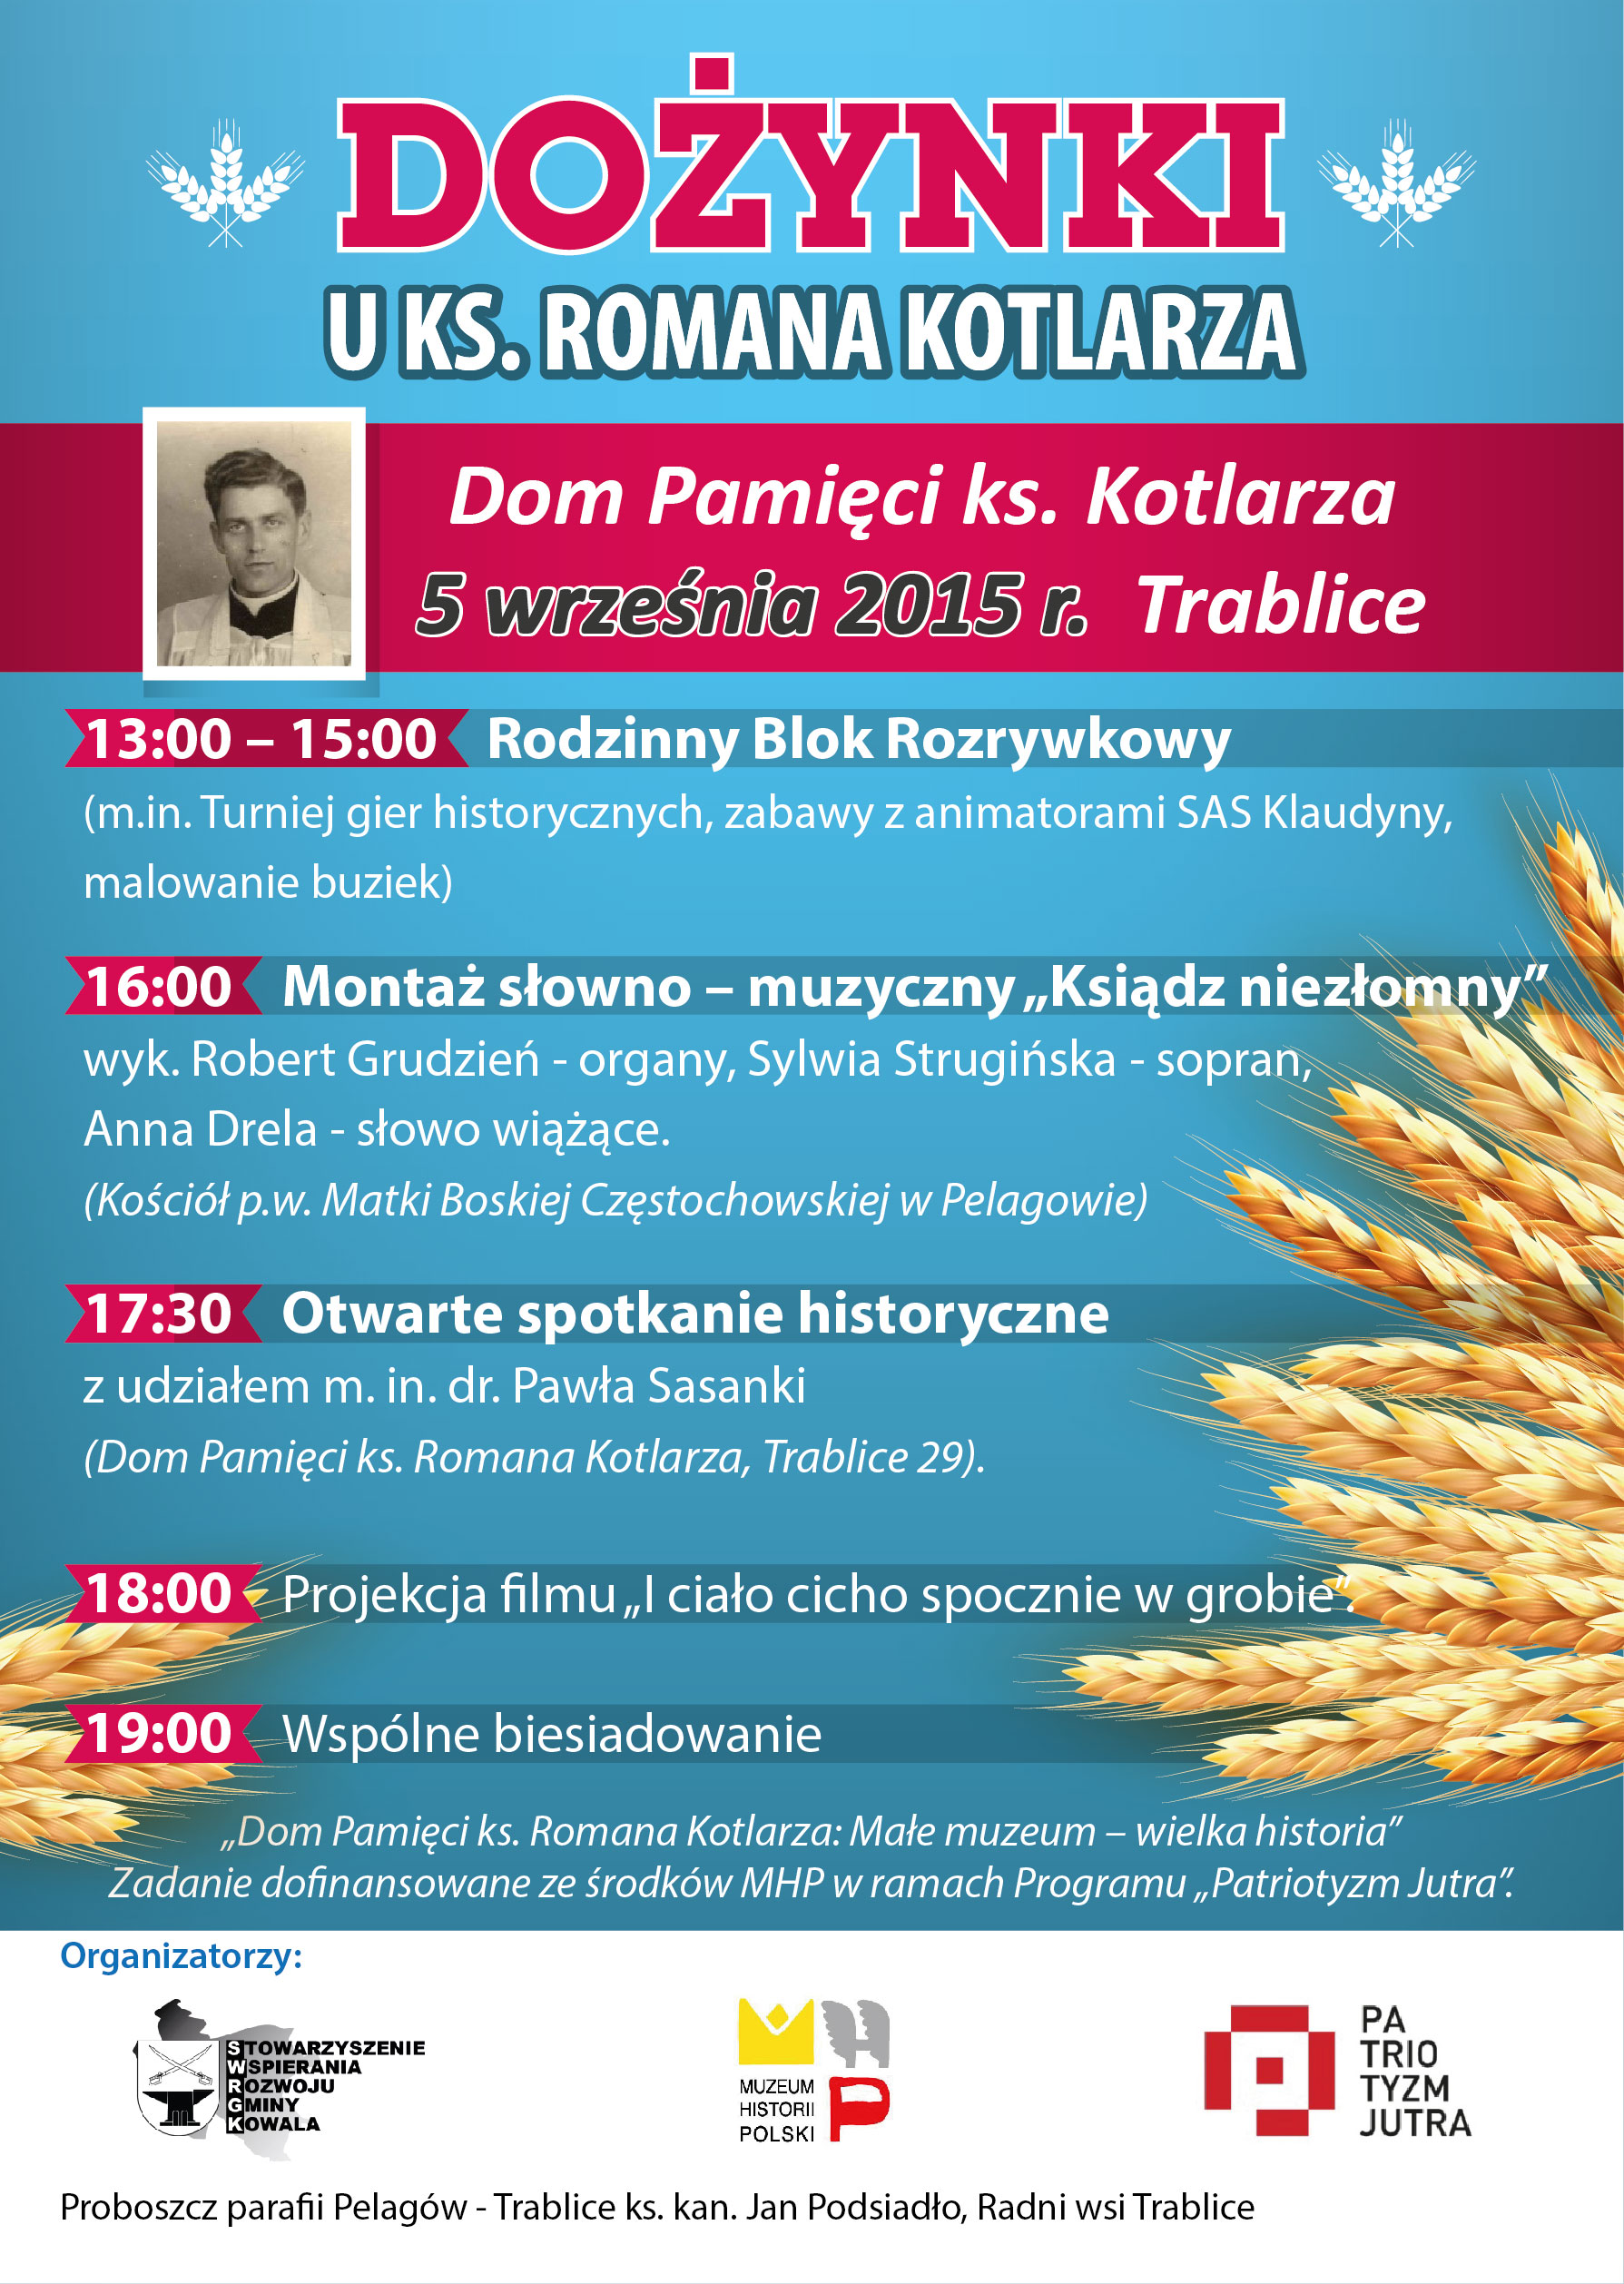 Zaproszenie na Dożynki uks. Romana Kotlarza